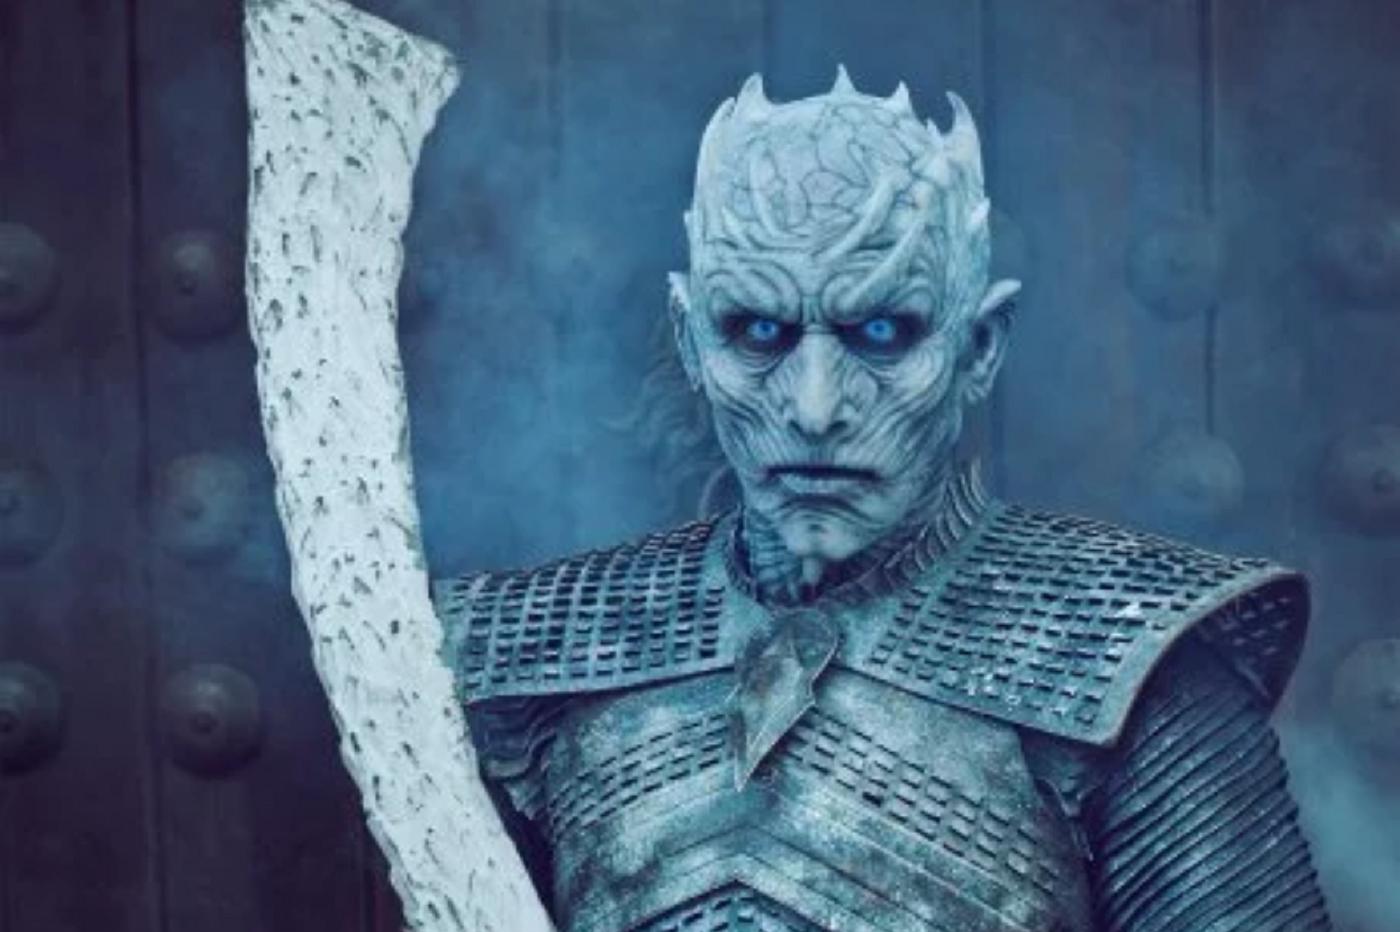 Un des spin-off de Game of Thrones déjà annulé